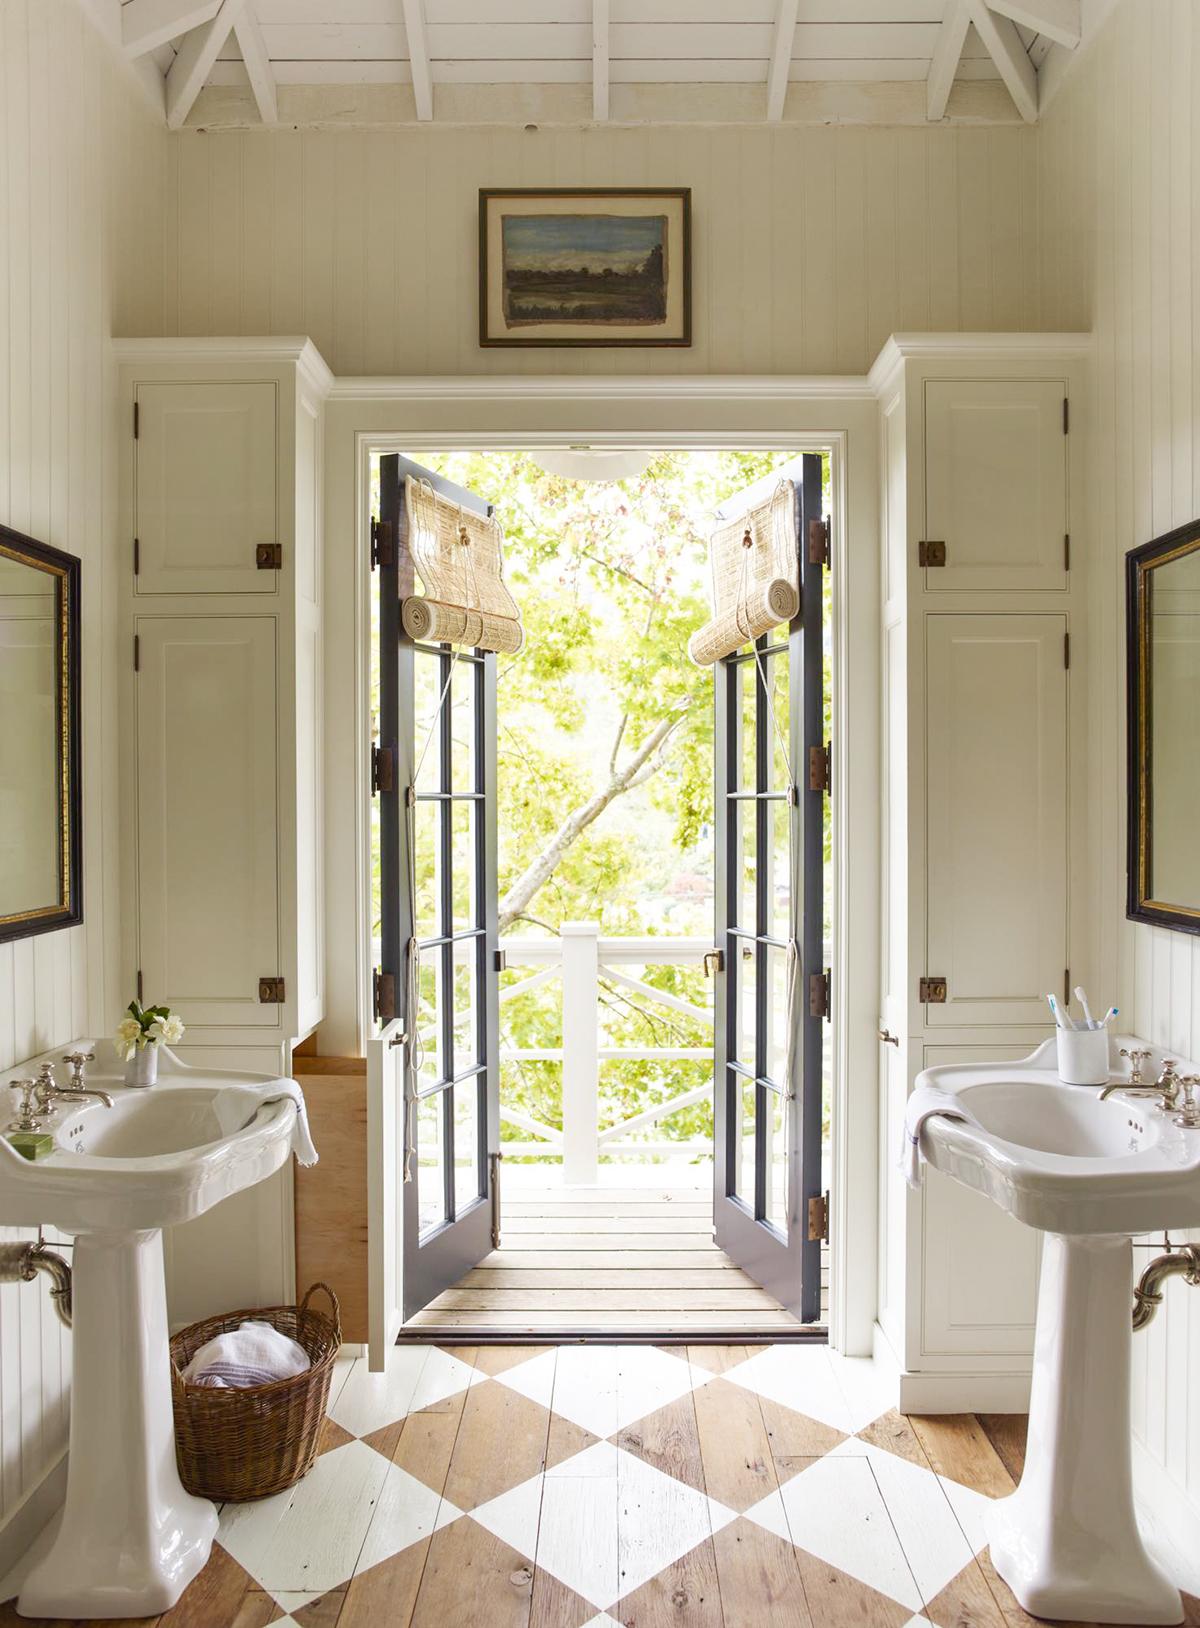 salle d'eau porte fenêtre bois bleu parquet bois lamé déco losange maison campagne